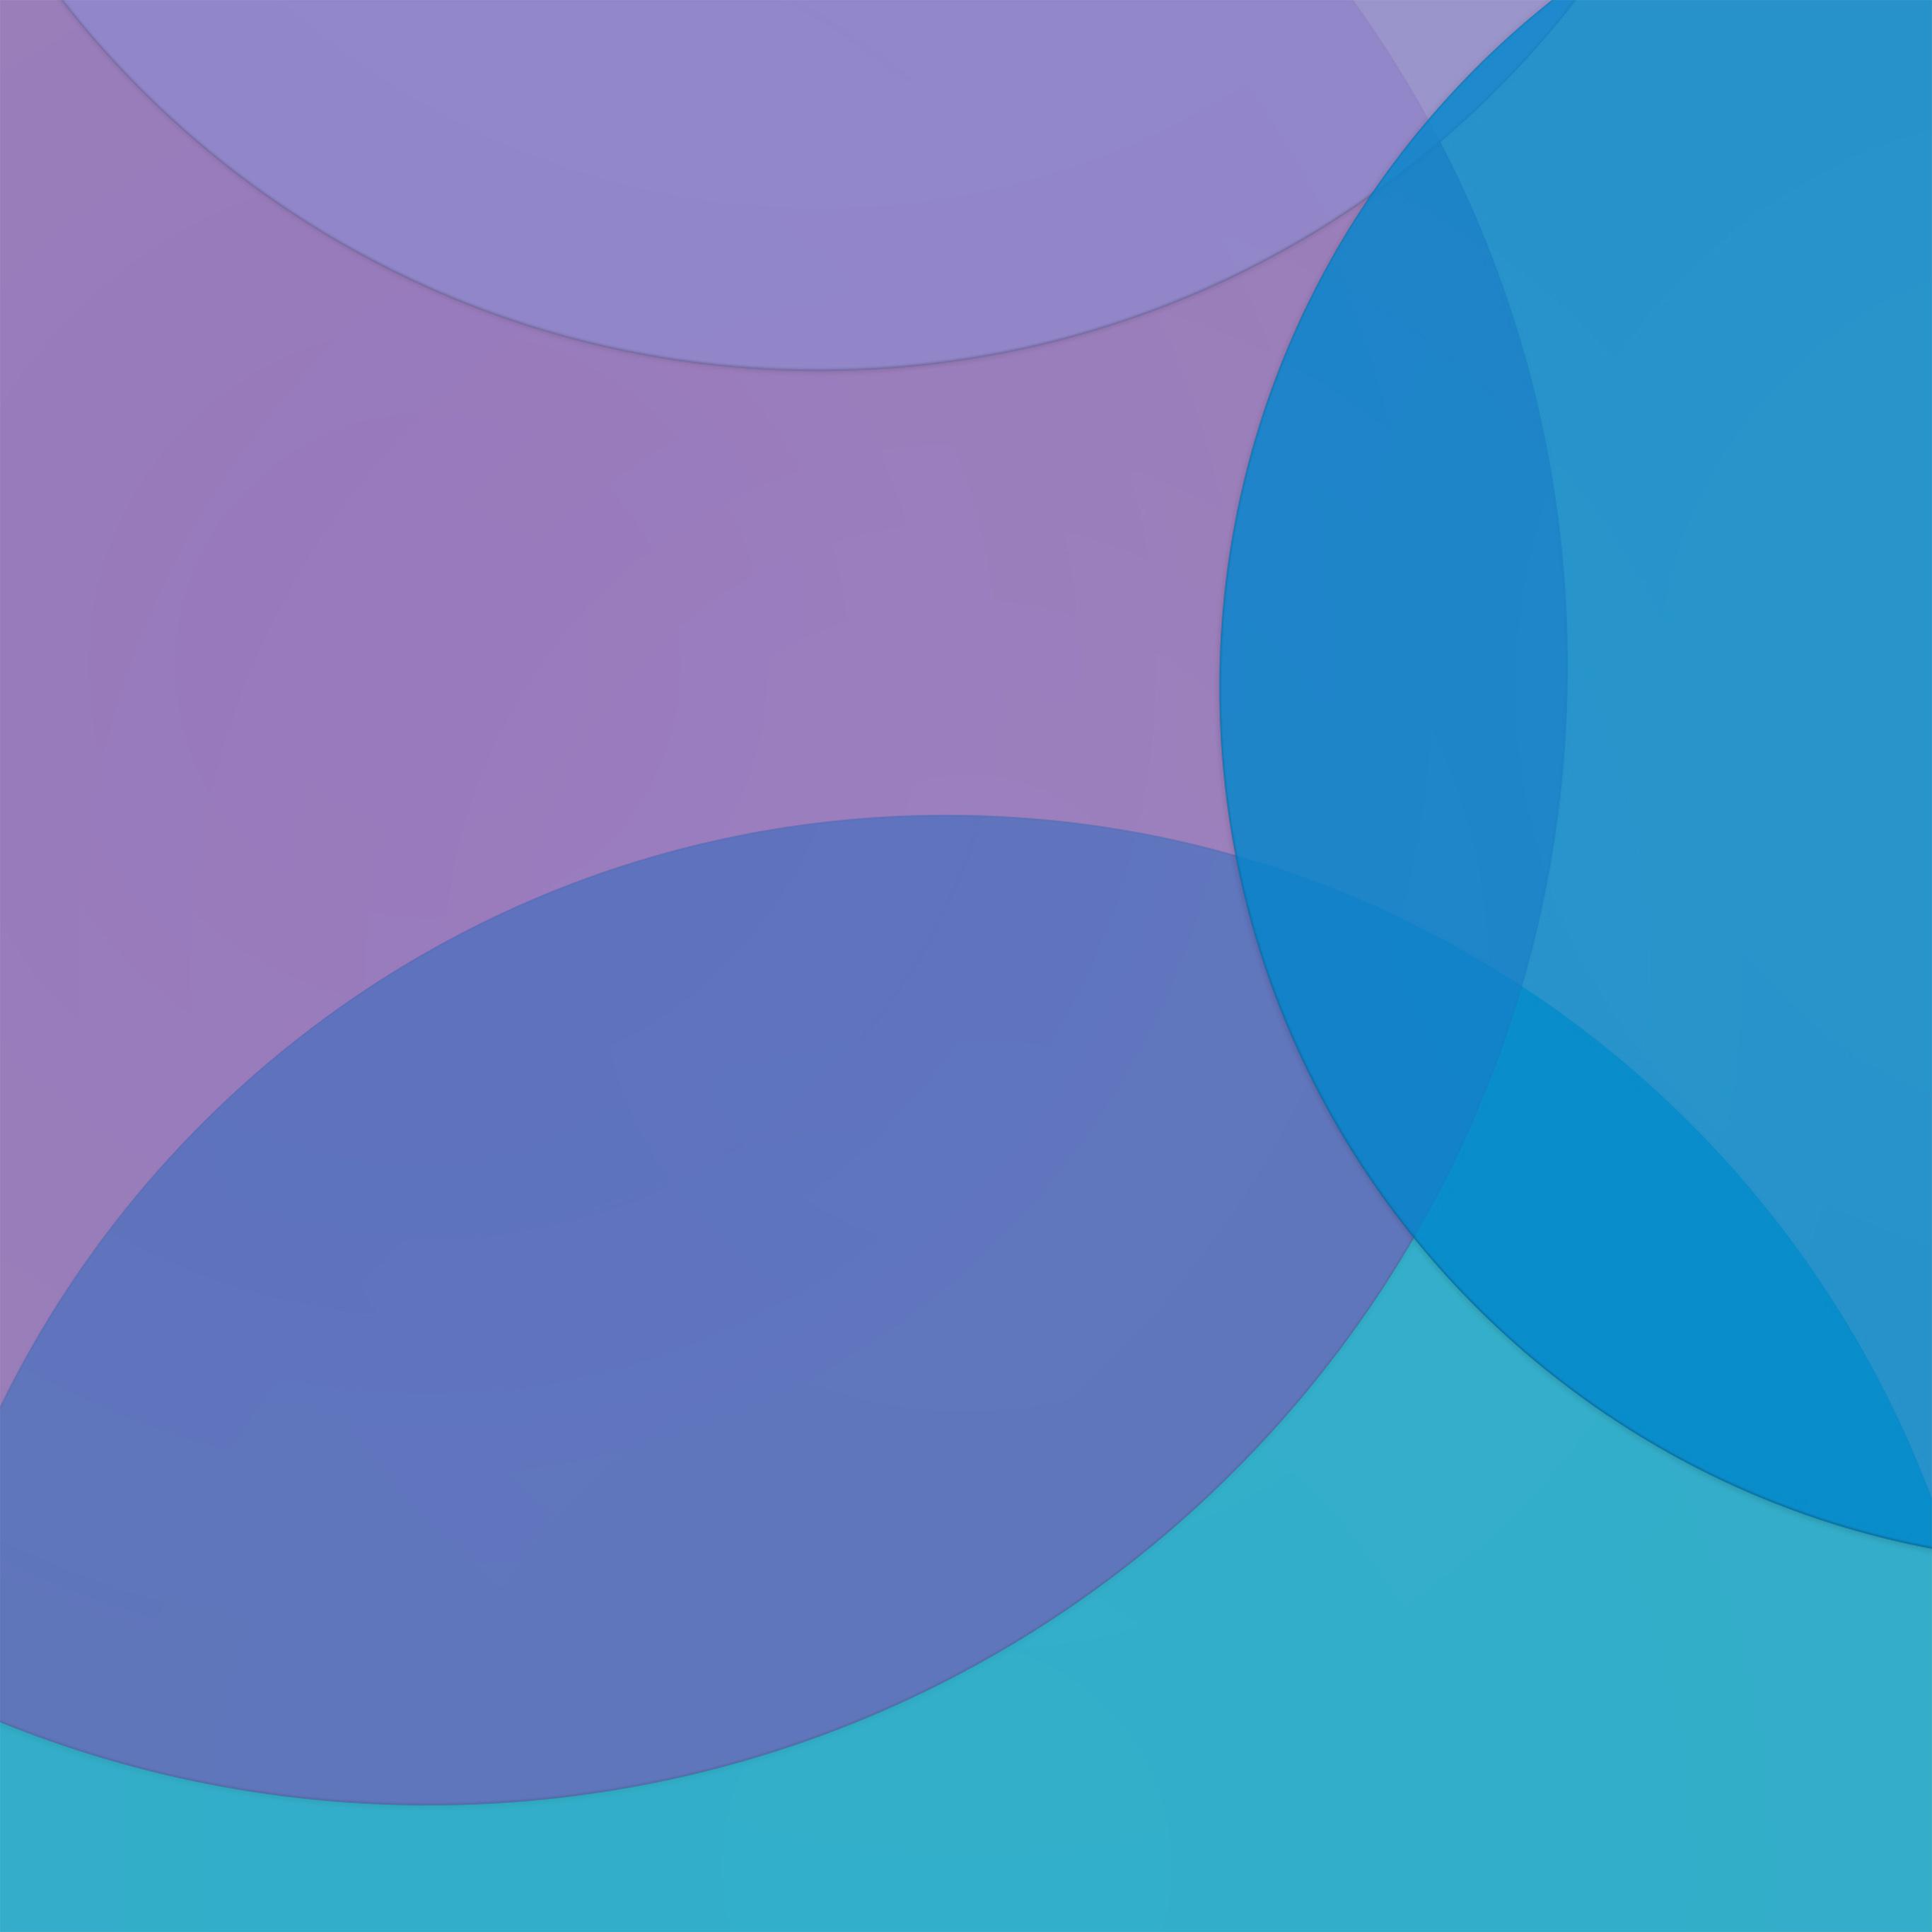 Abstract iPad Wallpaper 9